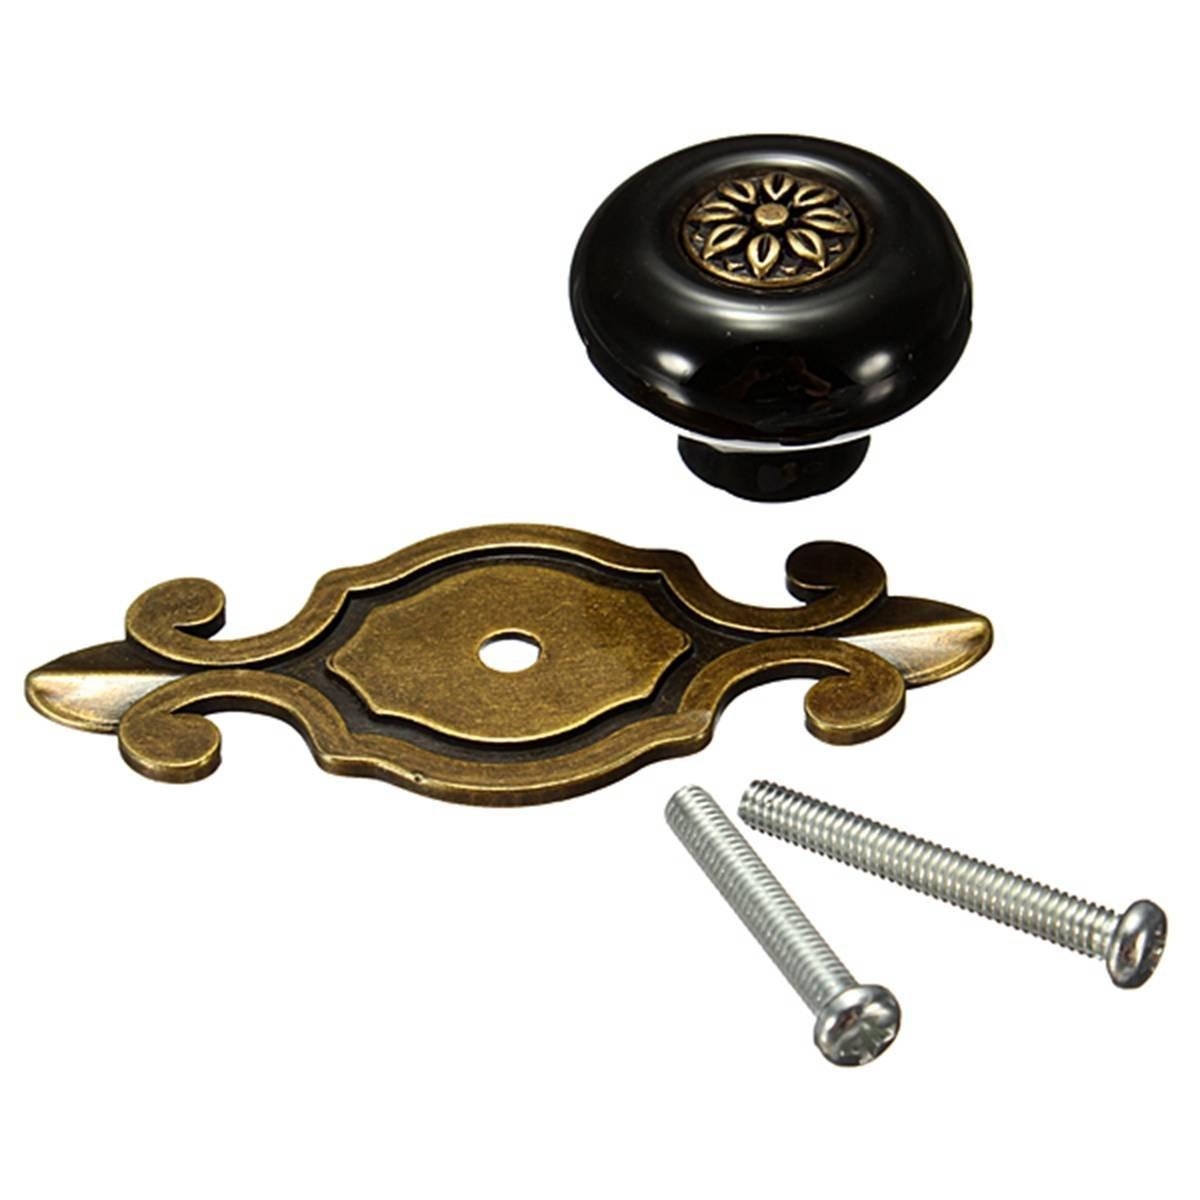 Boutons de poignee en ceramique de porte d 39 armoire de - Poignee de porte ceramique ...